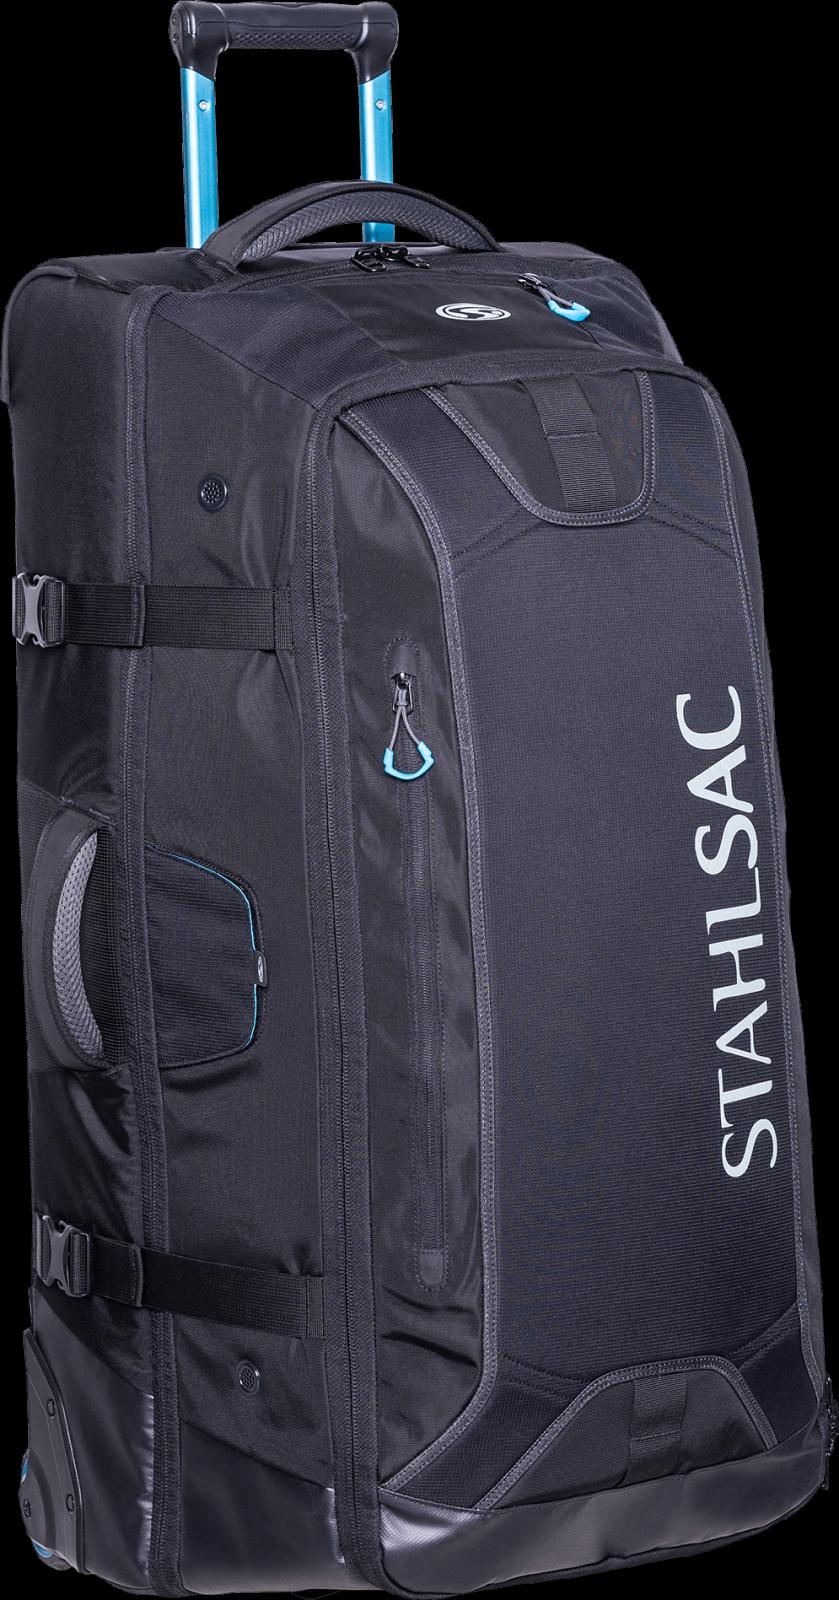 STEEL Bags, Stahlsac